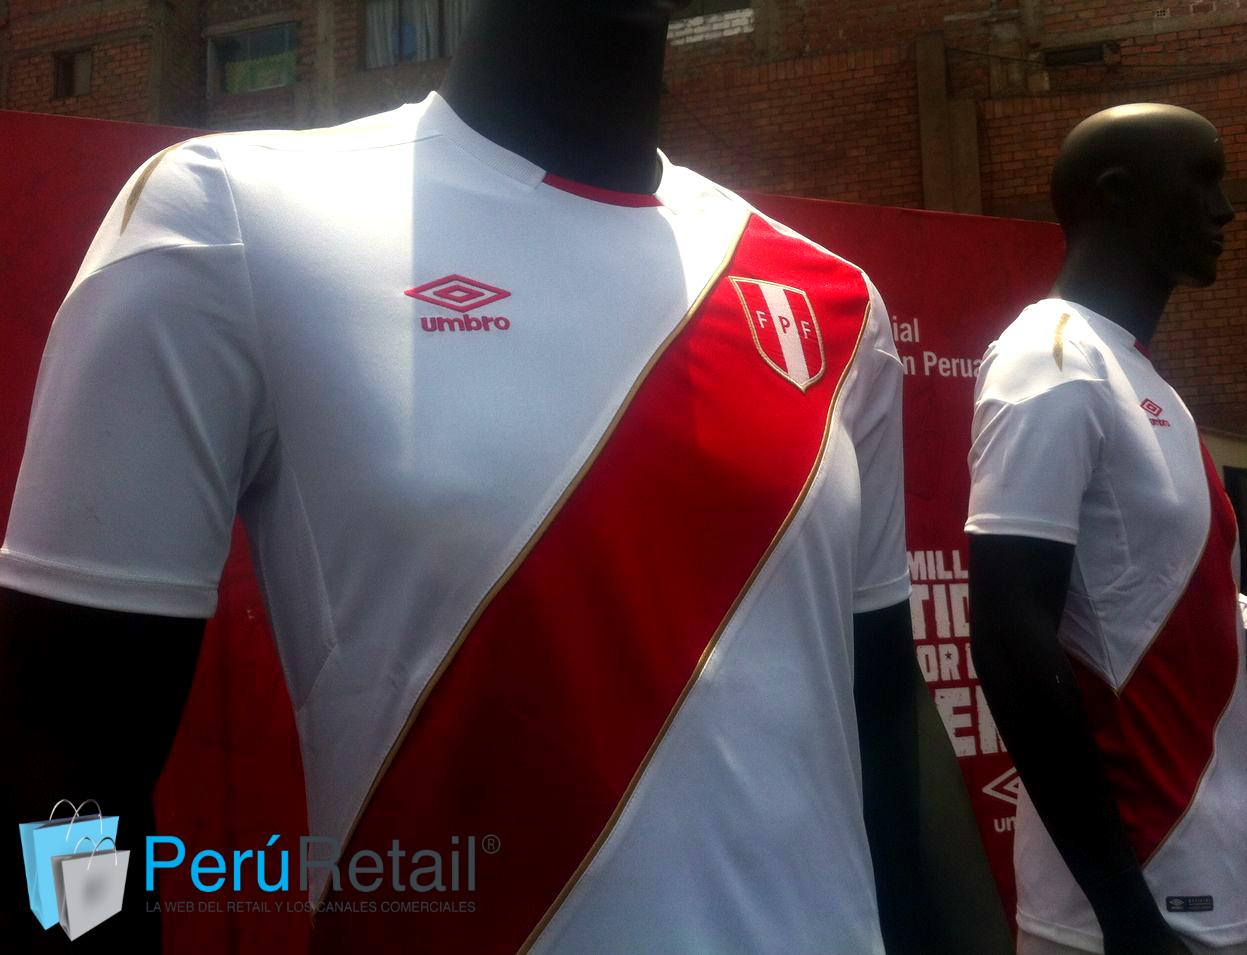 Umbro FPF Peru Retail - Umbro presentó la nueva camiseta de Perú para el Mundial Rusia 2018